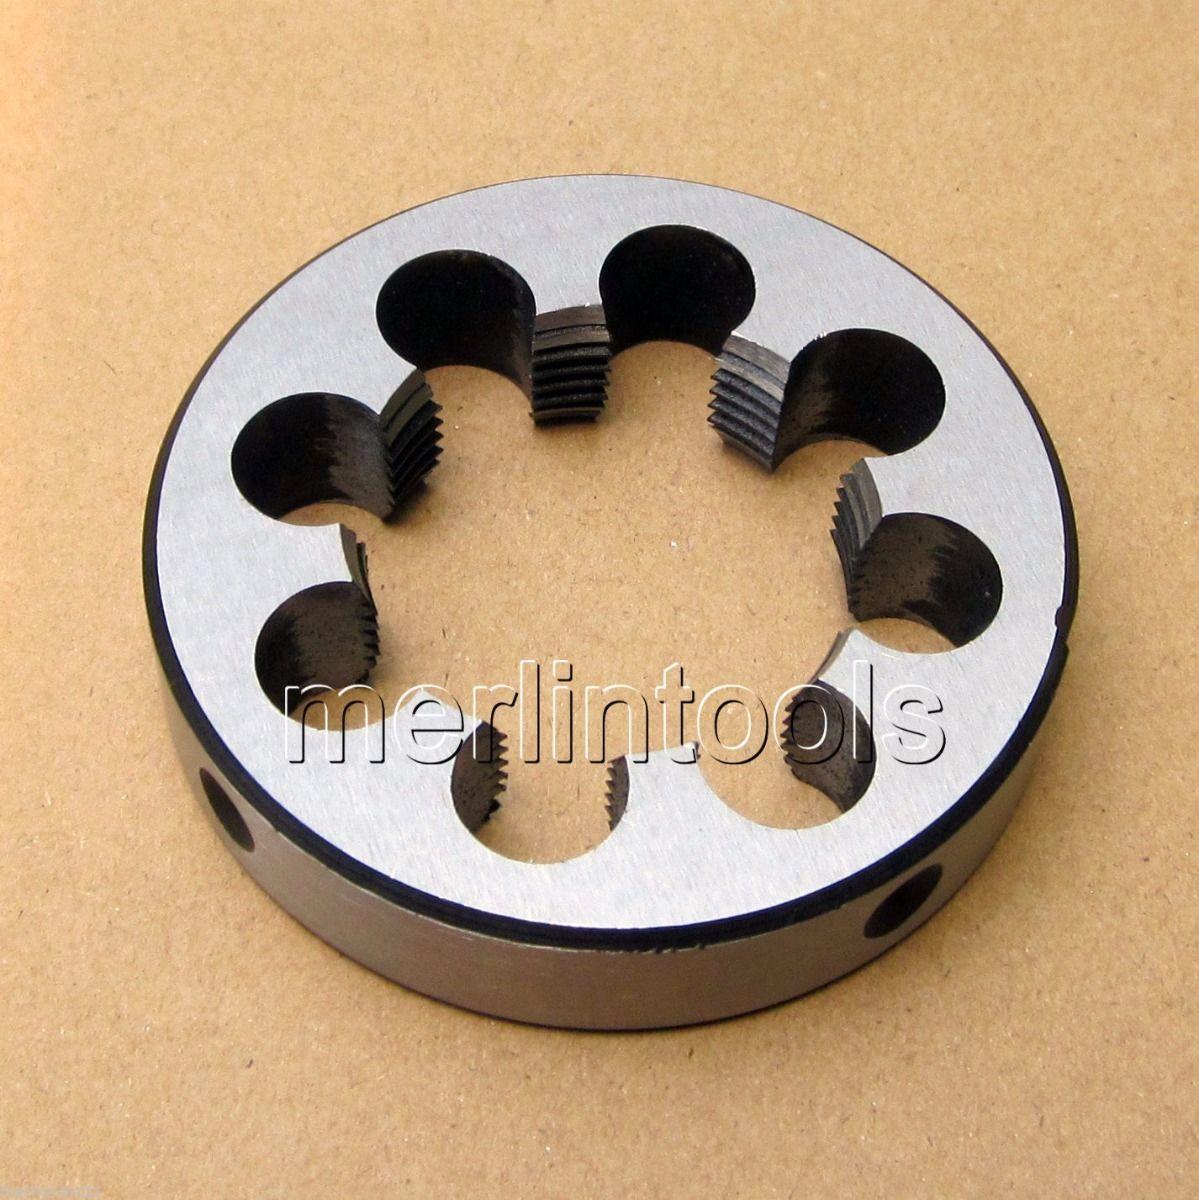 56mm x 2 Metric Right hand Die M56 x 2.0mm Pitch cy7c68300c 56lfxc cy7c68300c 56